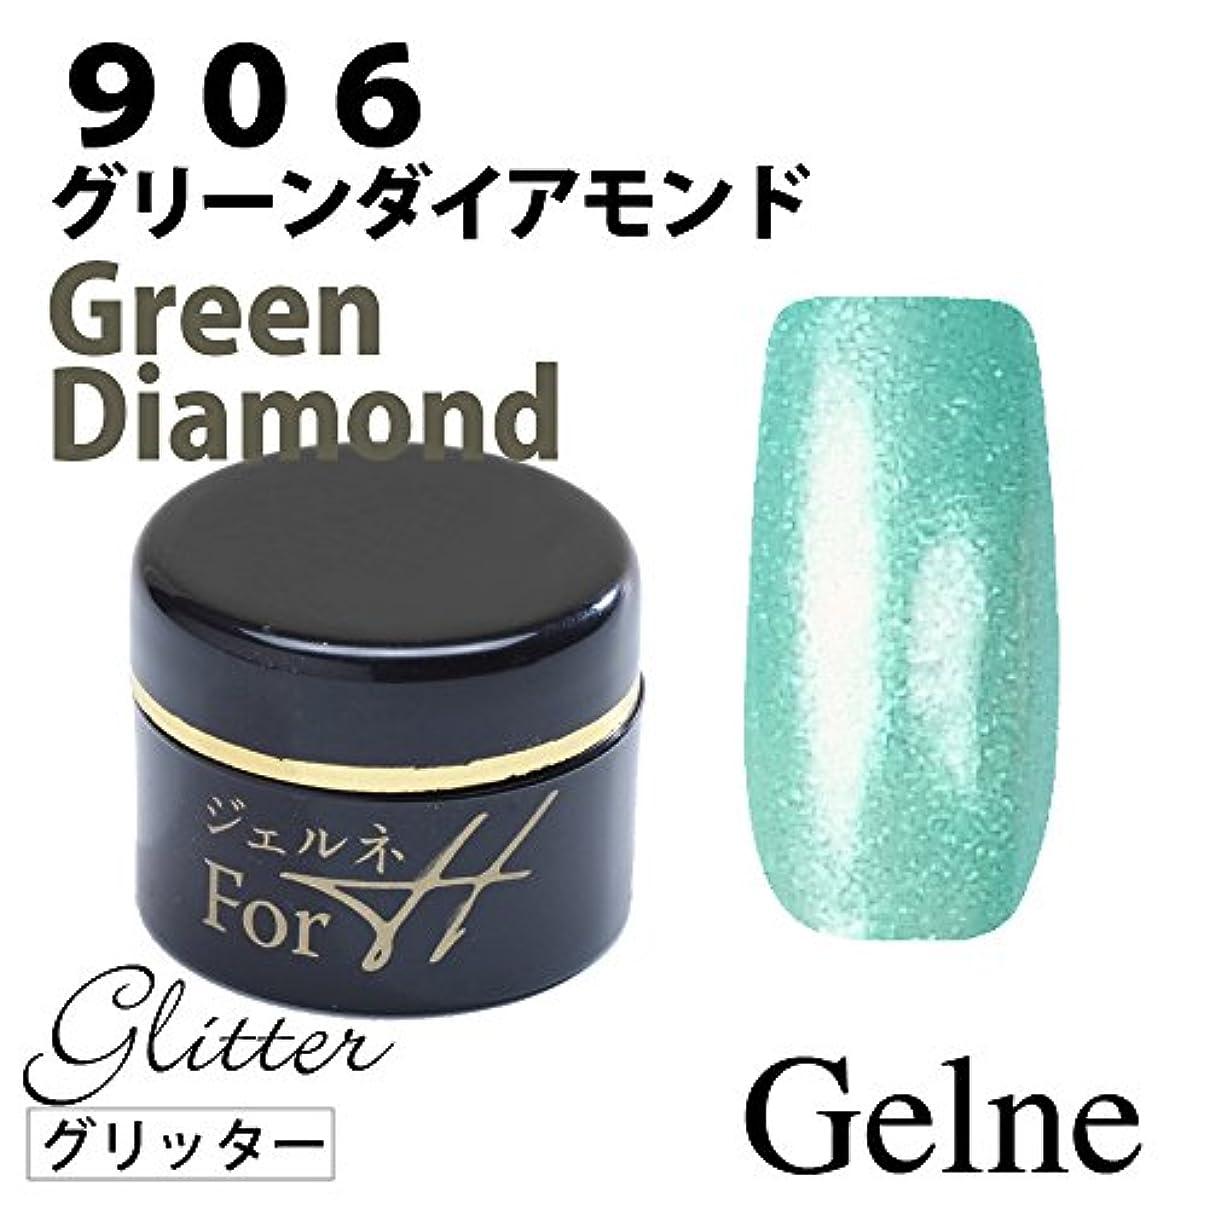 額ビット走るGelneオリジナル グリーンダイヤモンド カラージェル 5g LED/UV対応